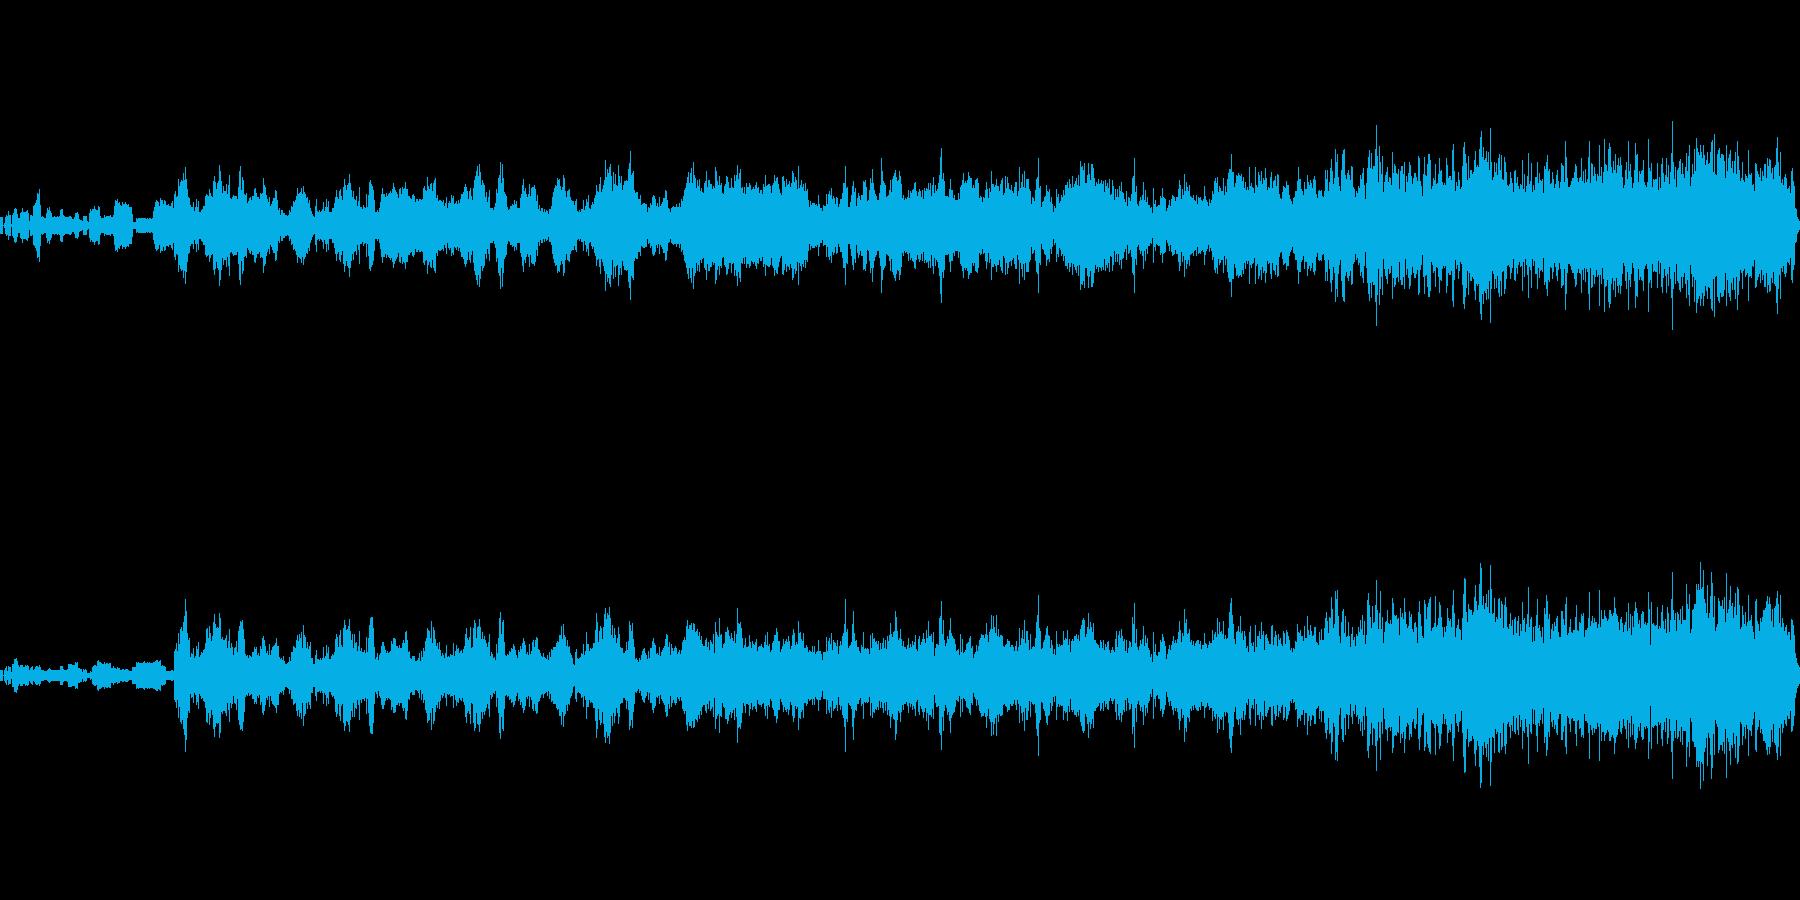 宇宙コード3の再生済みの波形